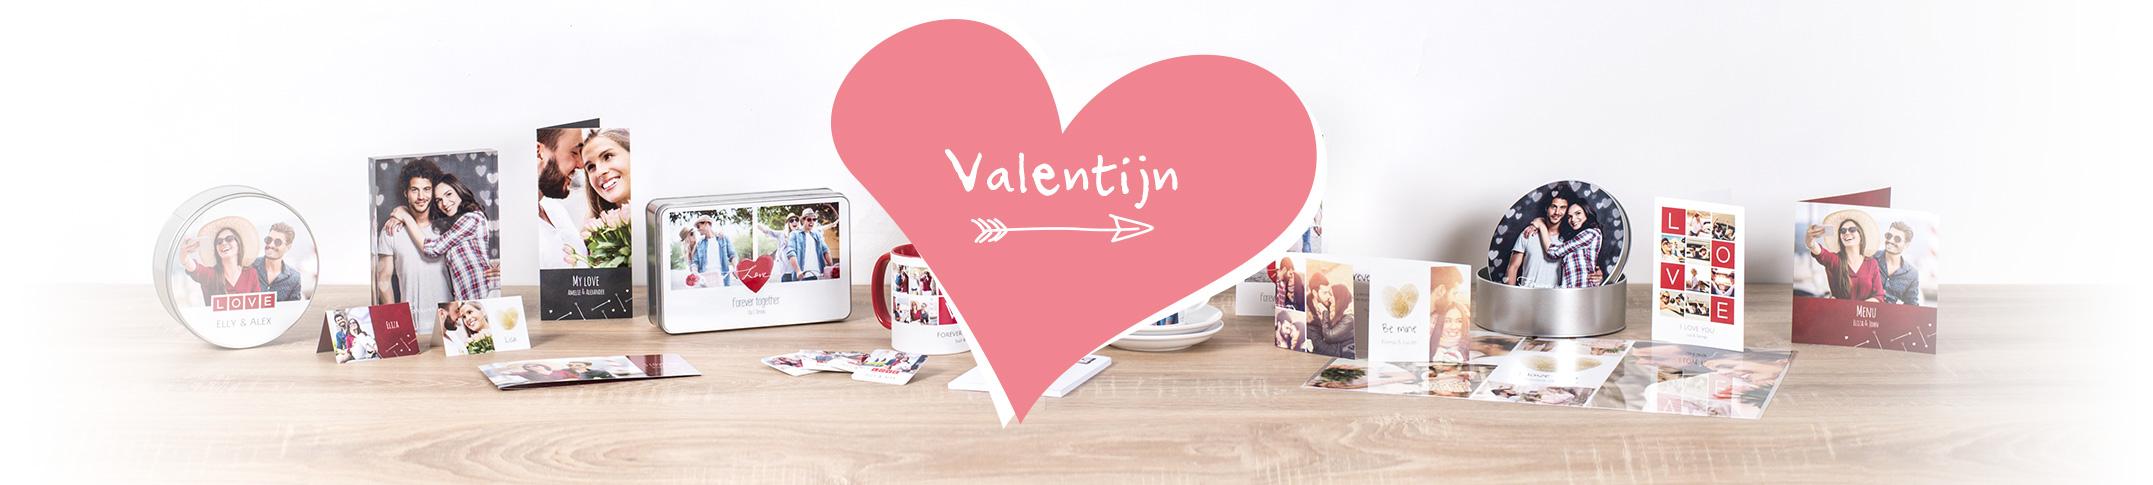 Maak je gepersonaliseerd valentijnscadeau